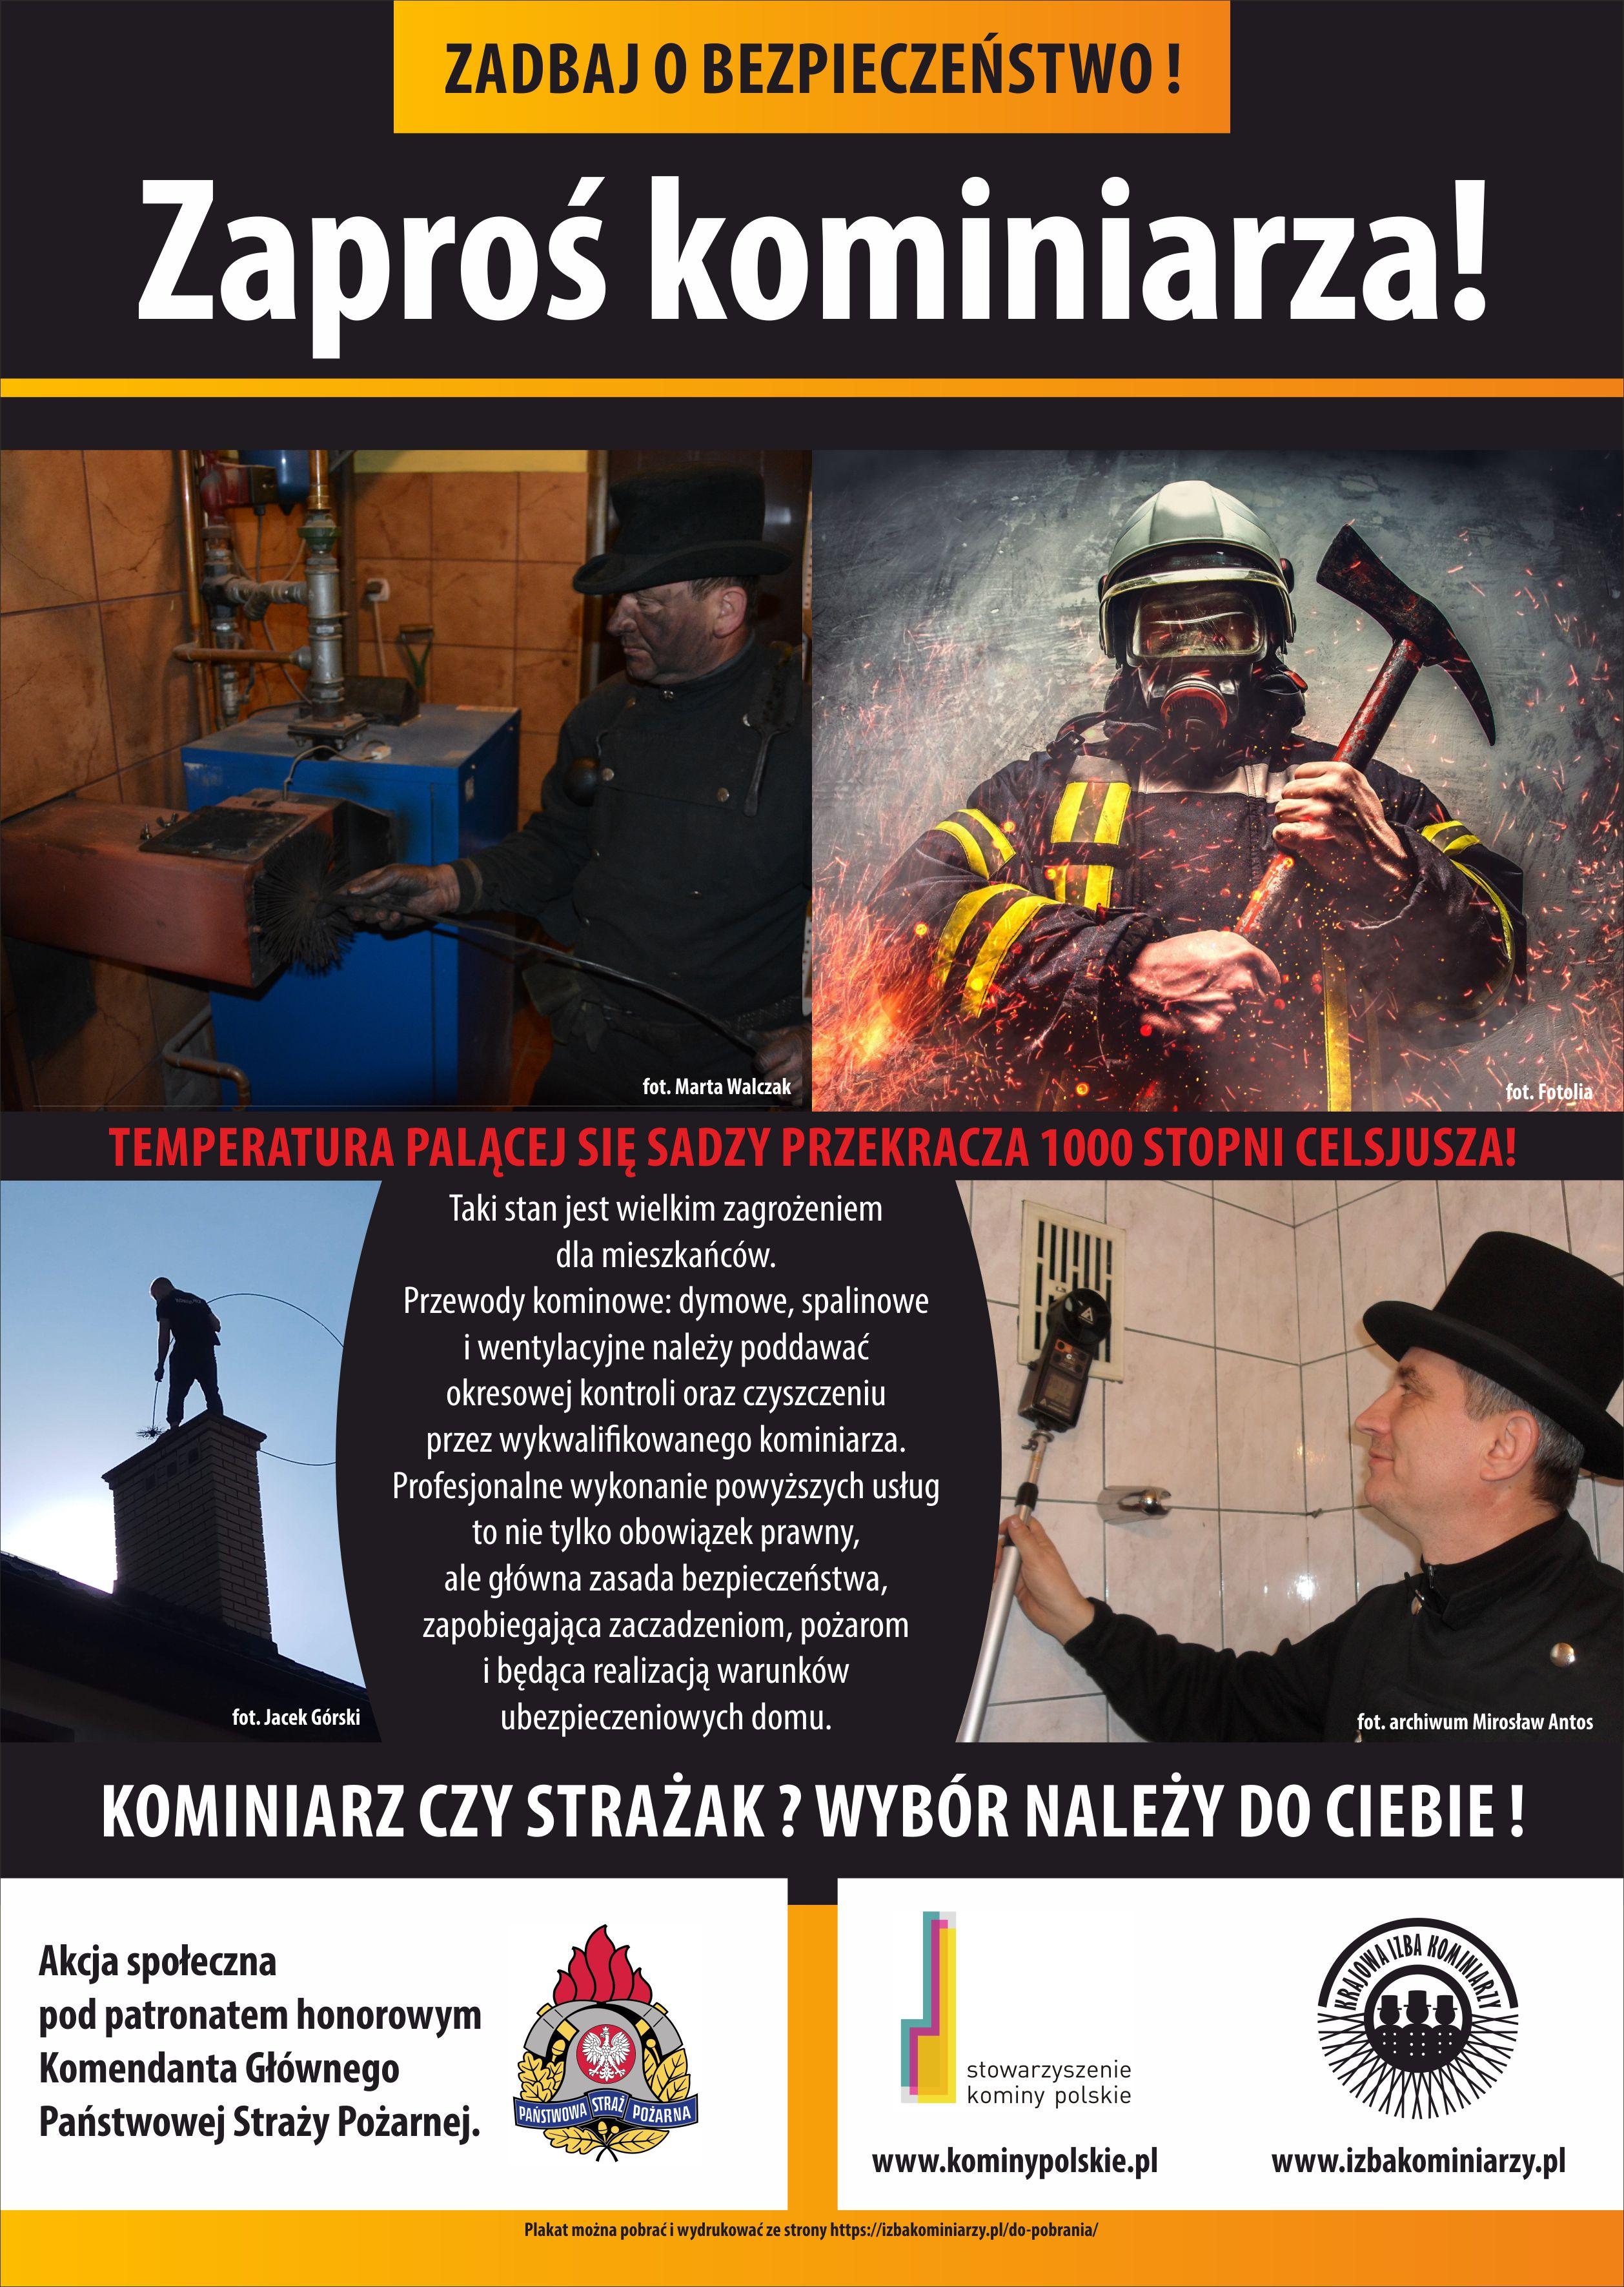 KIK_plakat_zapros-kominiarza_11-2018